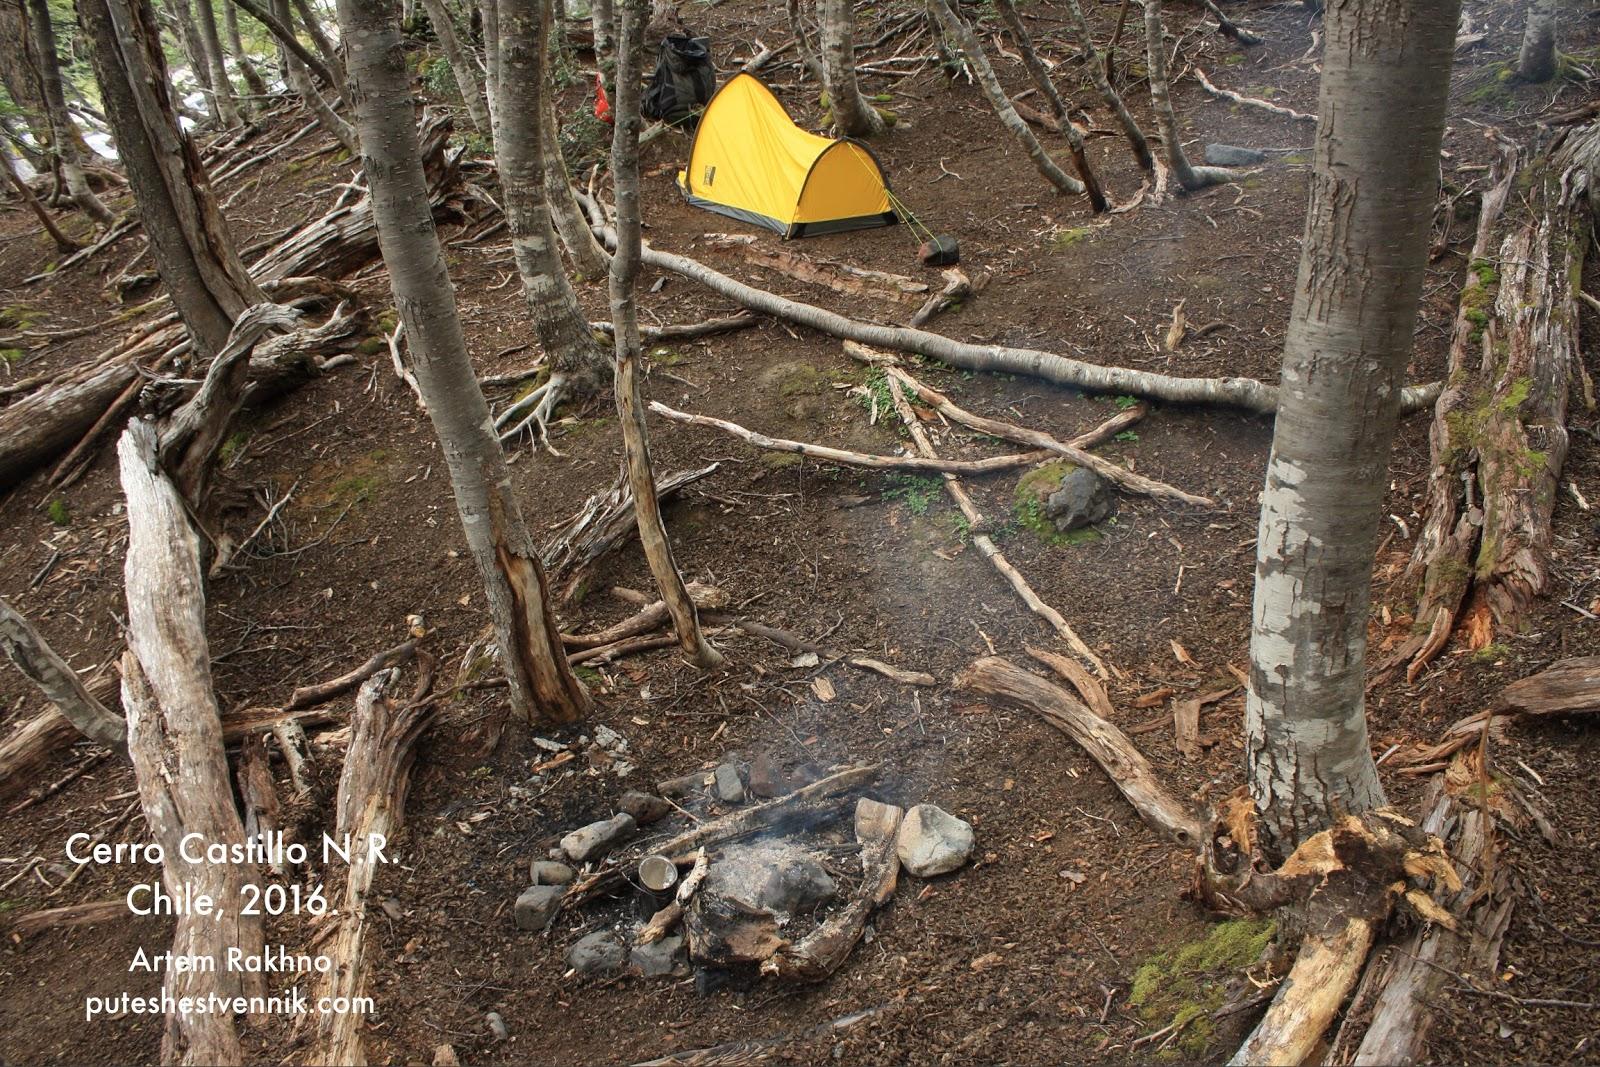 Кострище и палатка